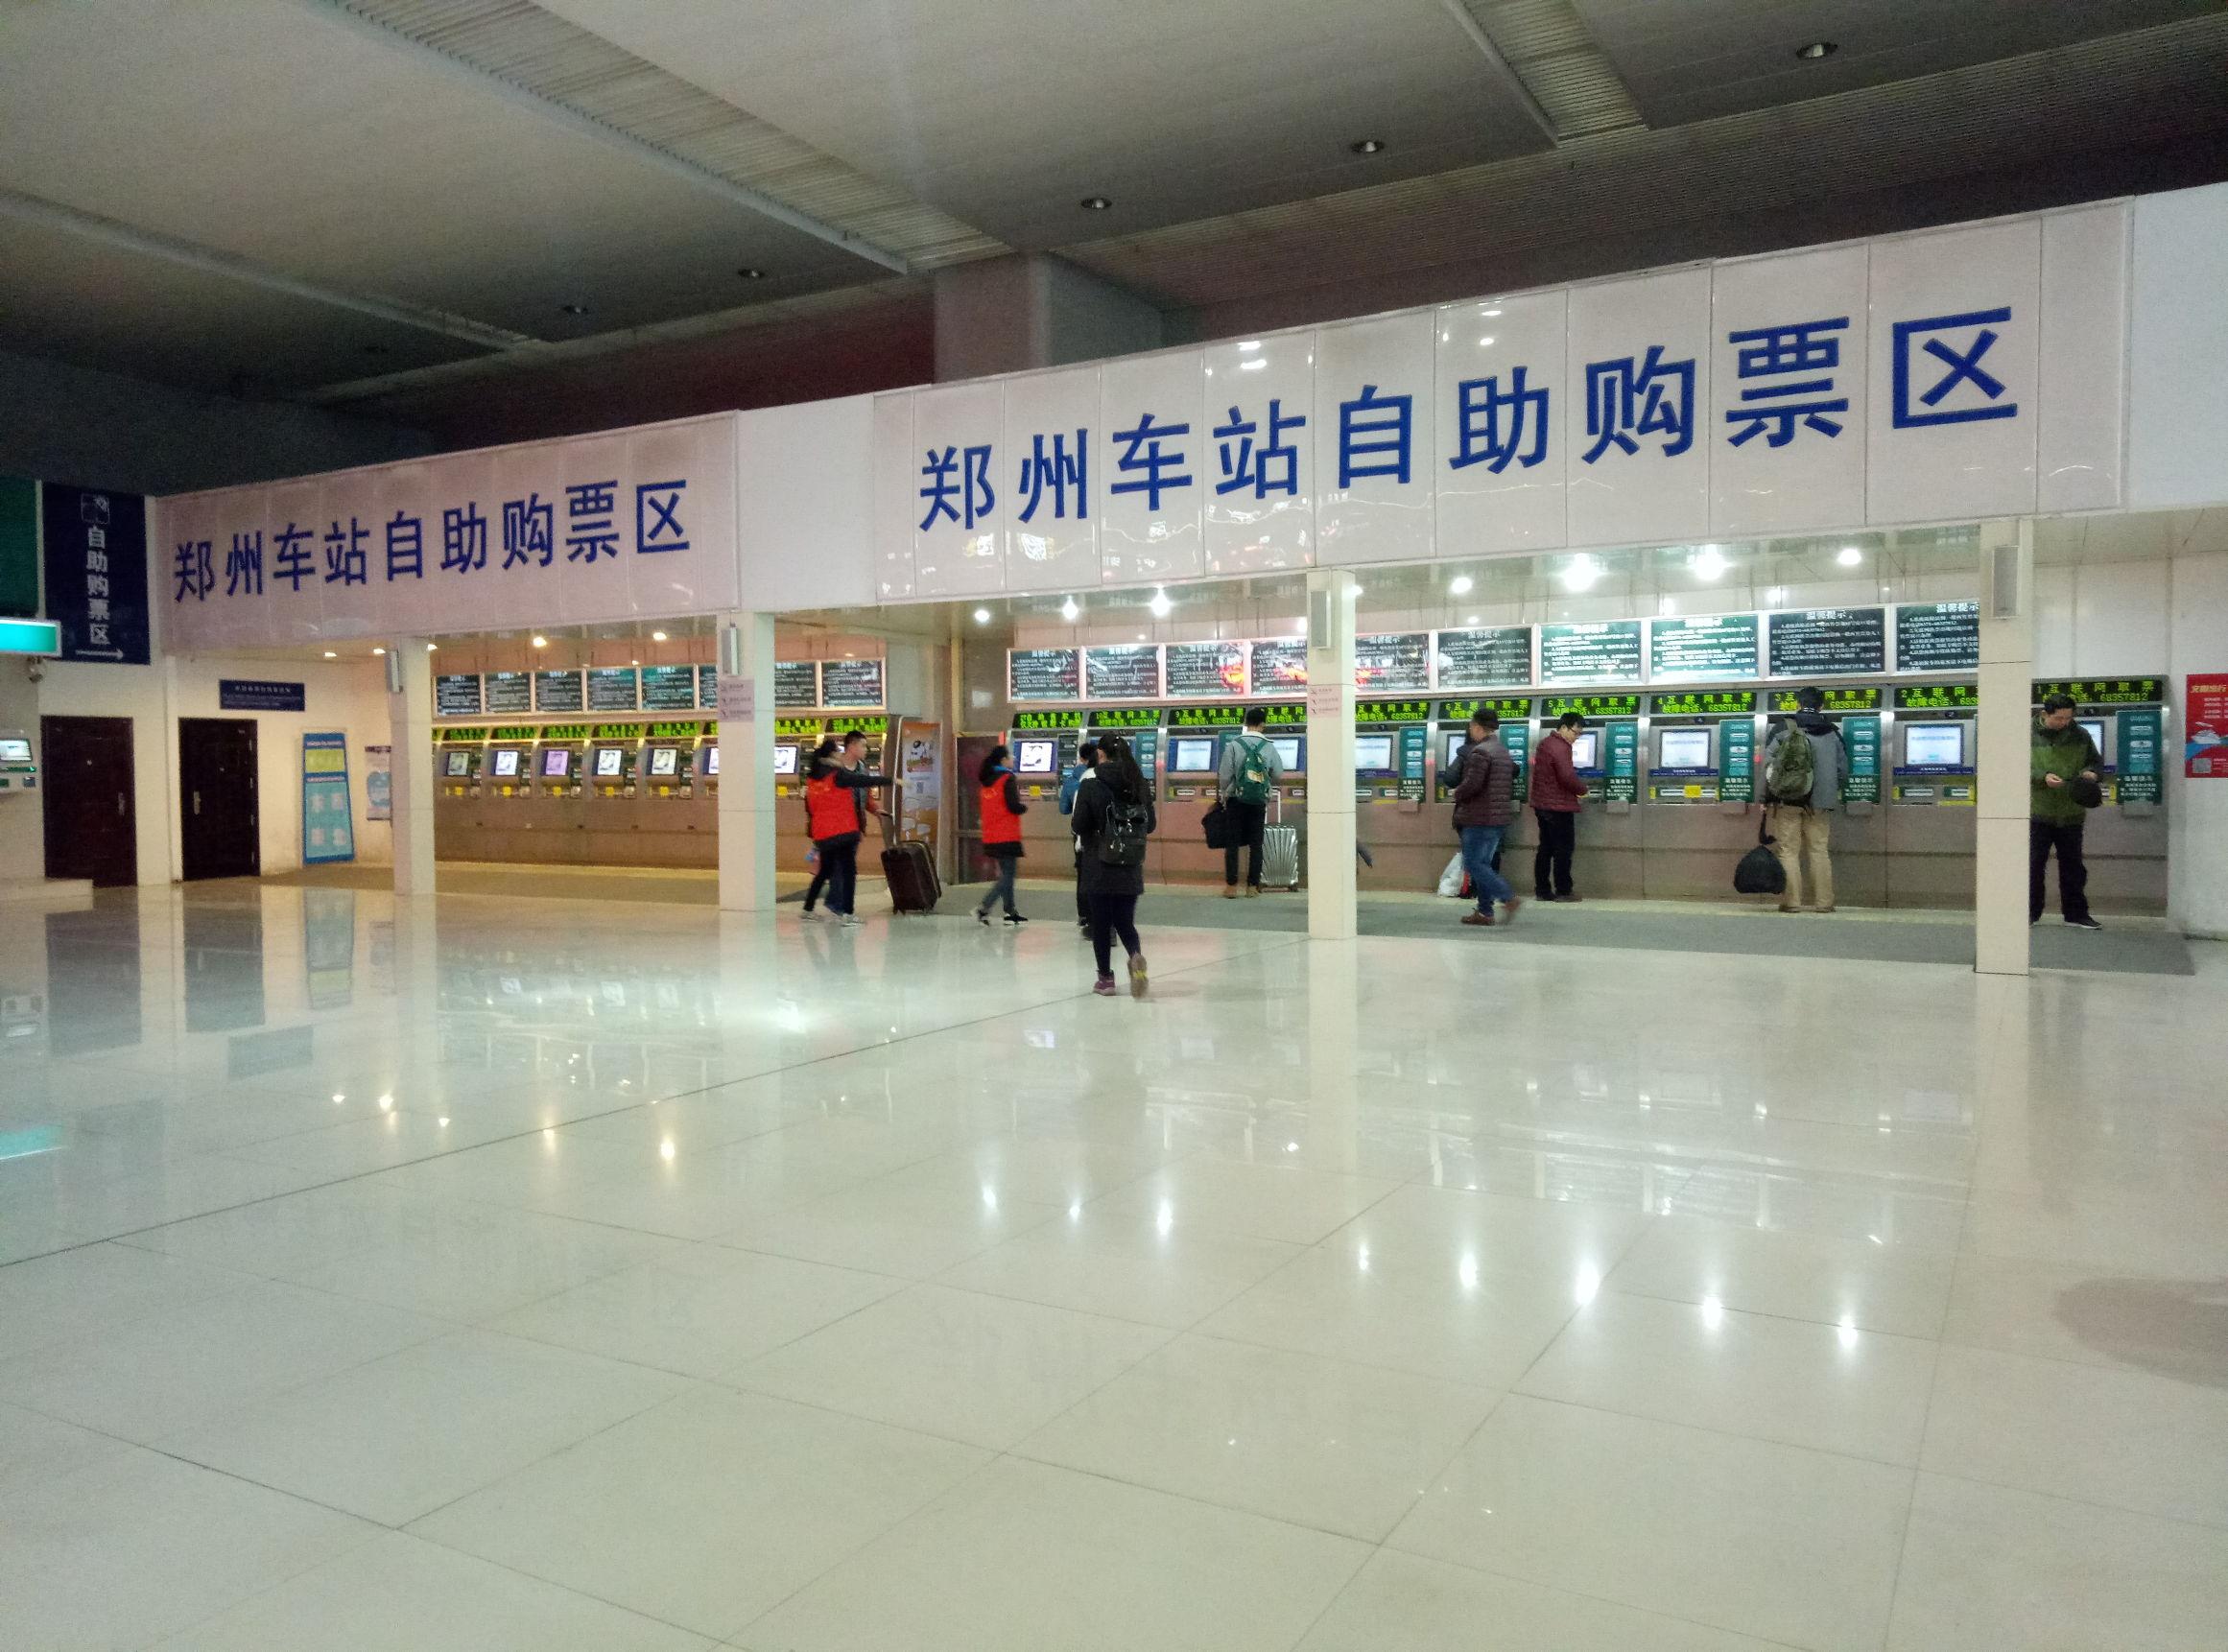 西广场二楼自助取票机处,没有人排队,并且有多名志愿者在服务,面对春运郑州站已经准备好了,在一楼也增加了数台自助取票机。